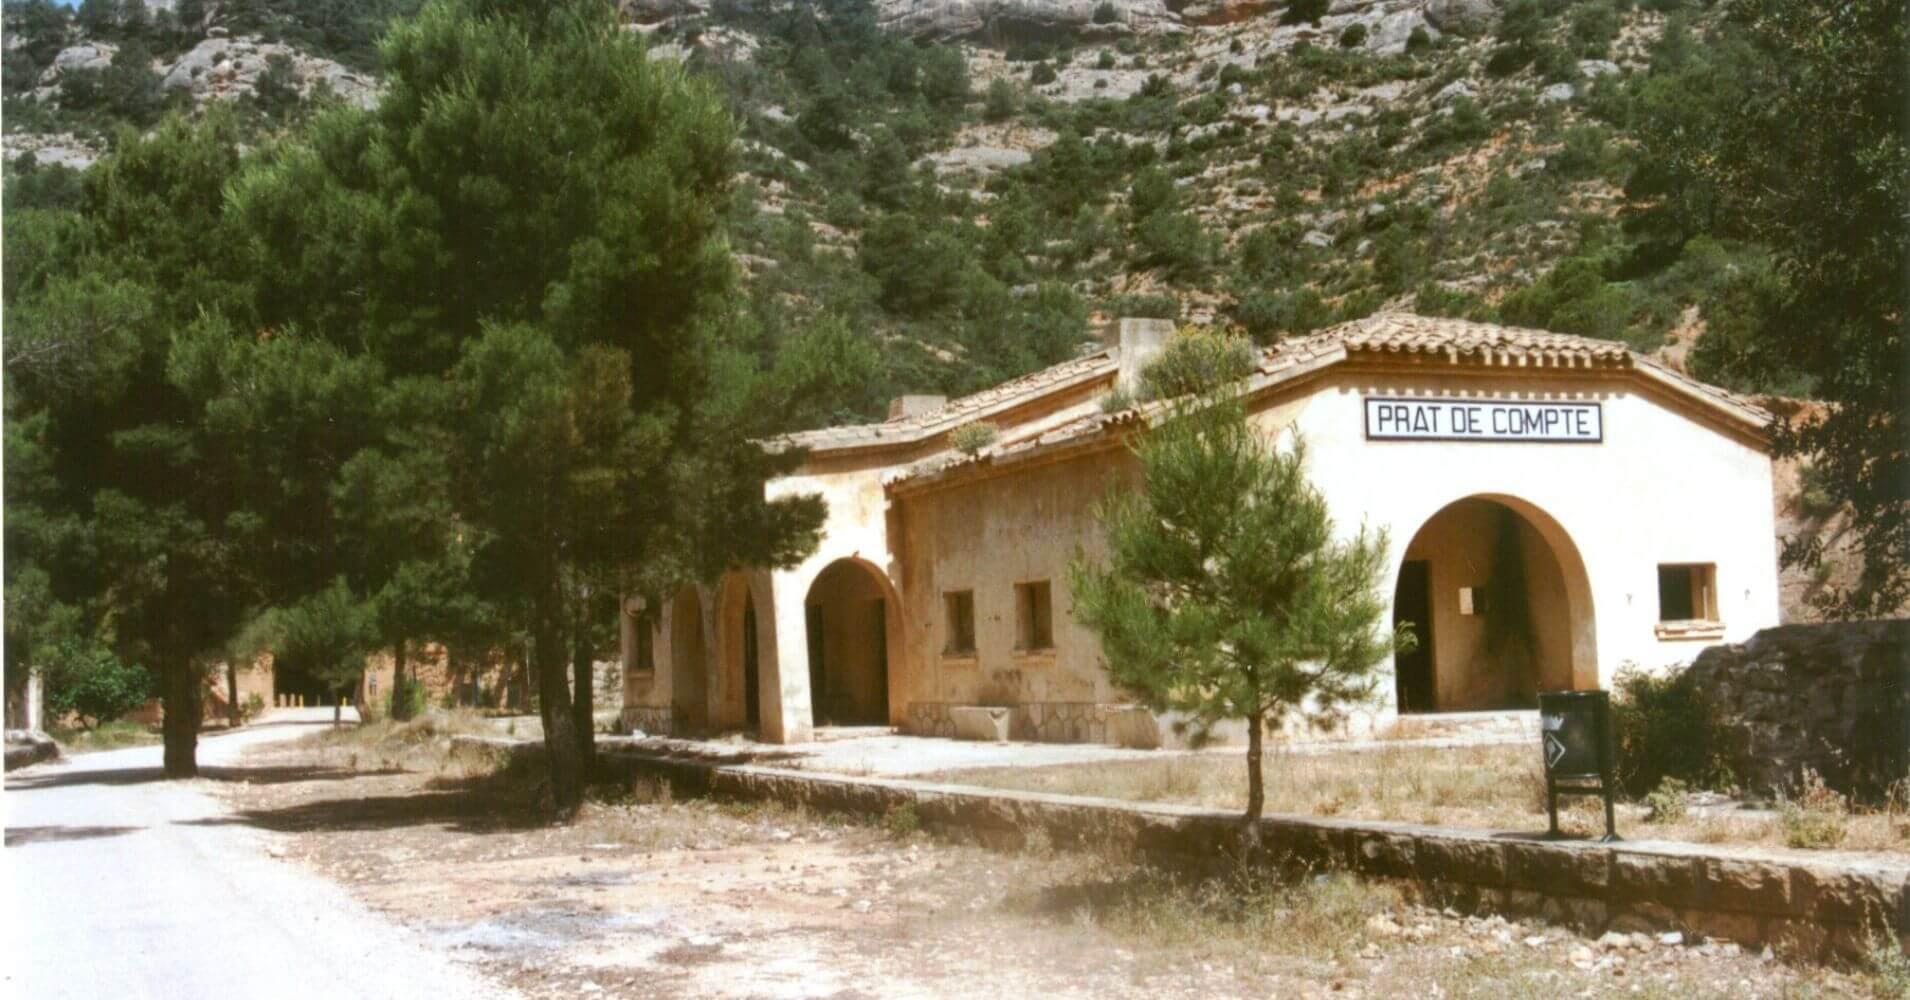 Estación de Prat de Compte, Tarragona. Cataluña.